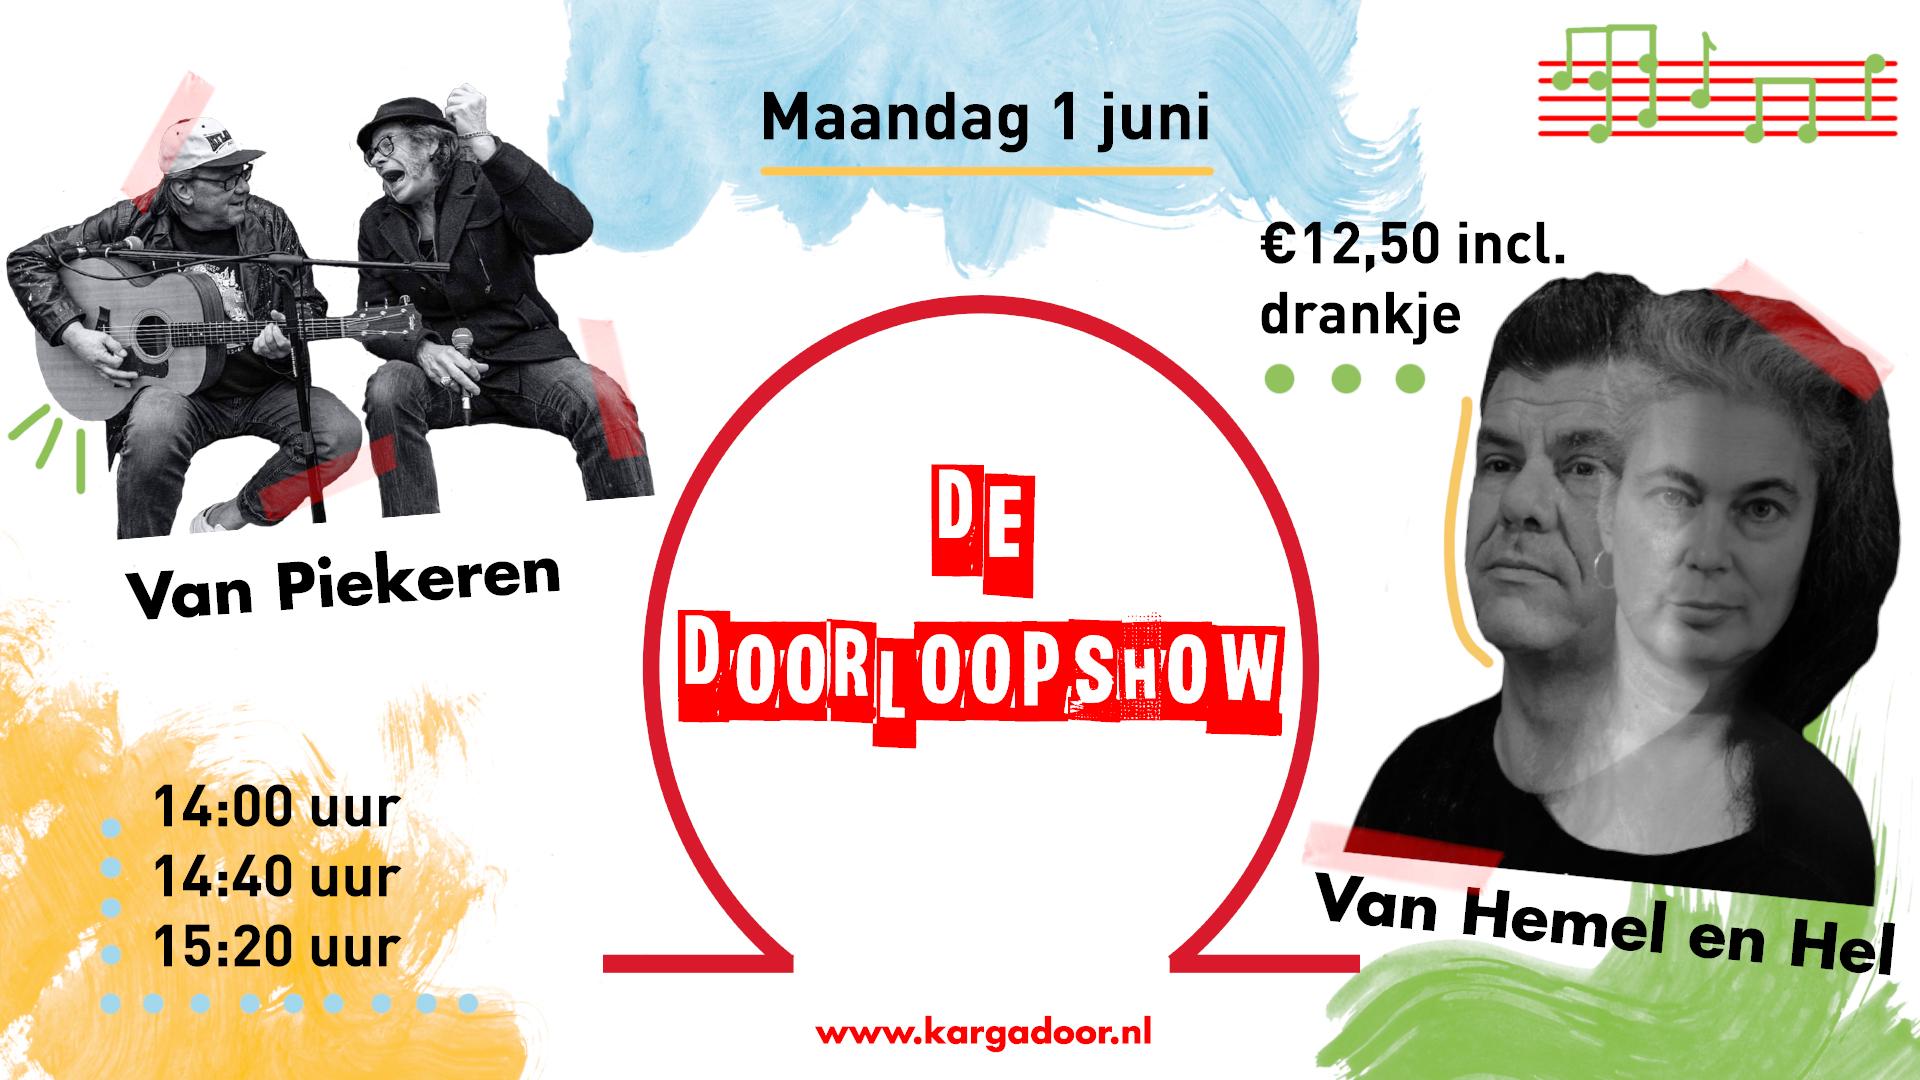 De Doorloop Show